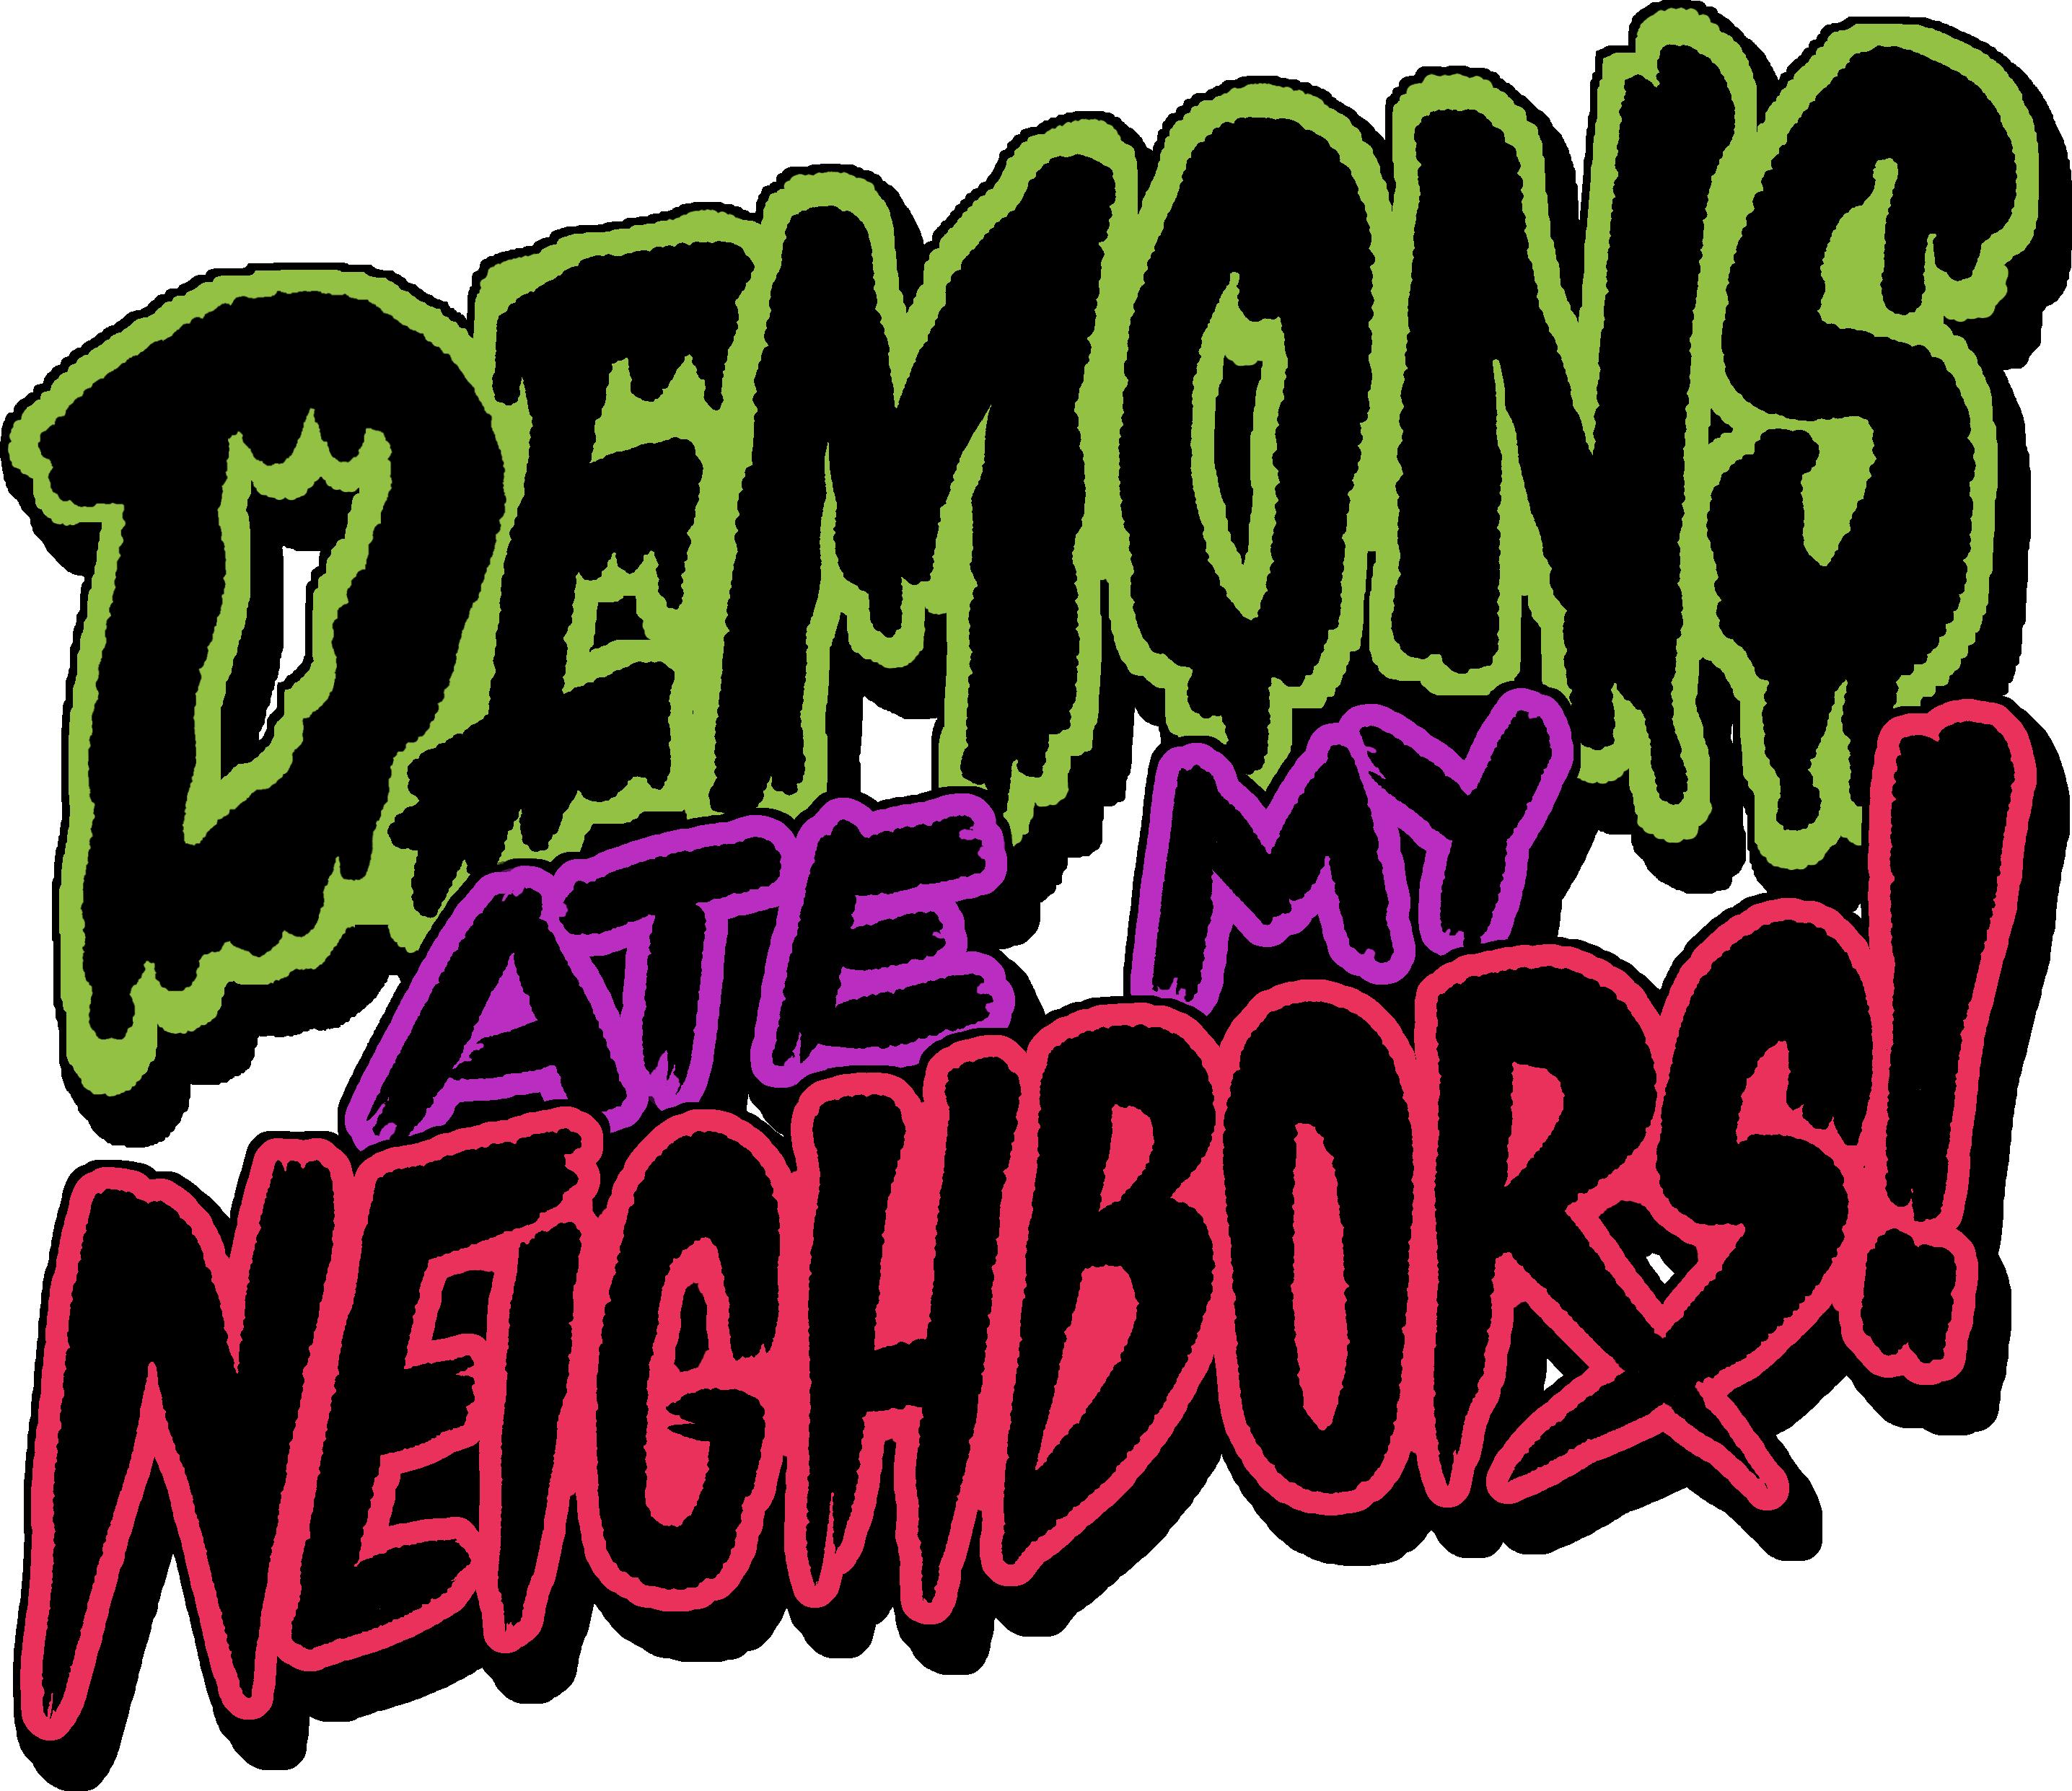 Demons-Ate-My-Neighbors_2020_08-12-20_009